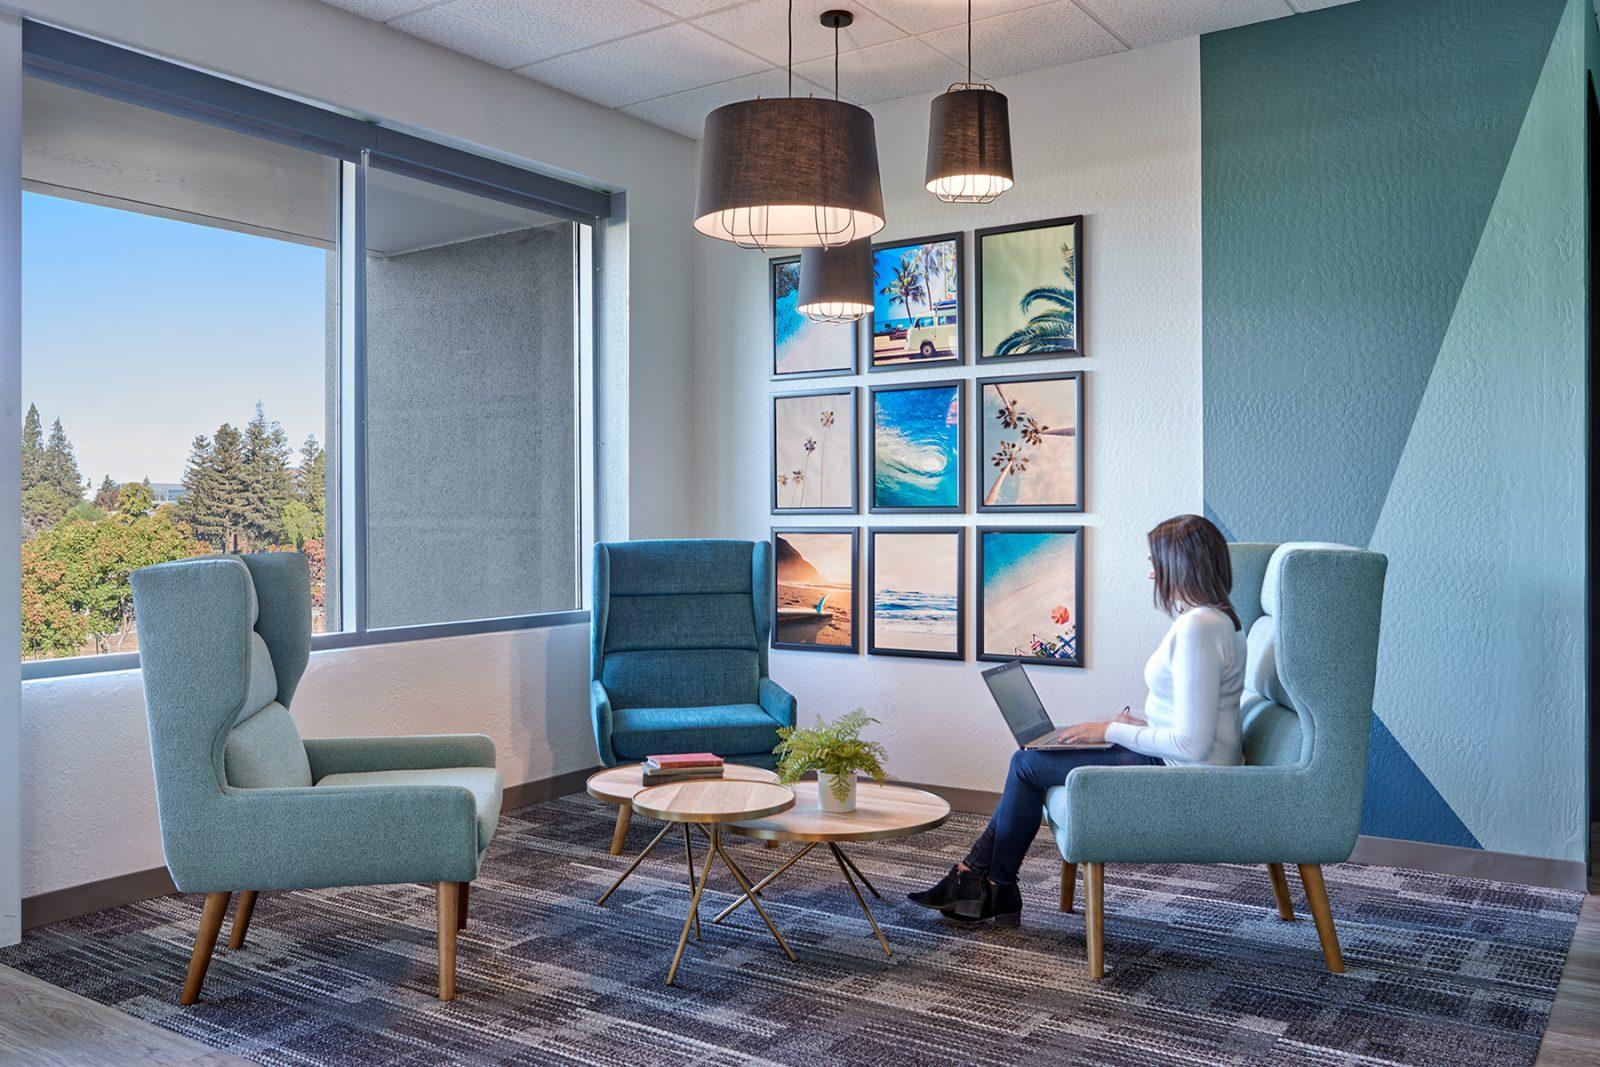 AP+I Design – Architecture, Planning and Interior Design